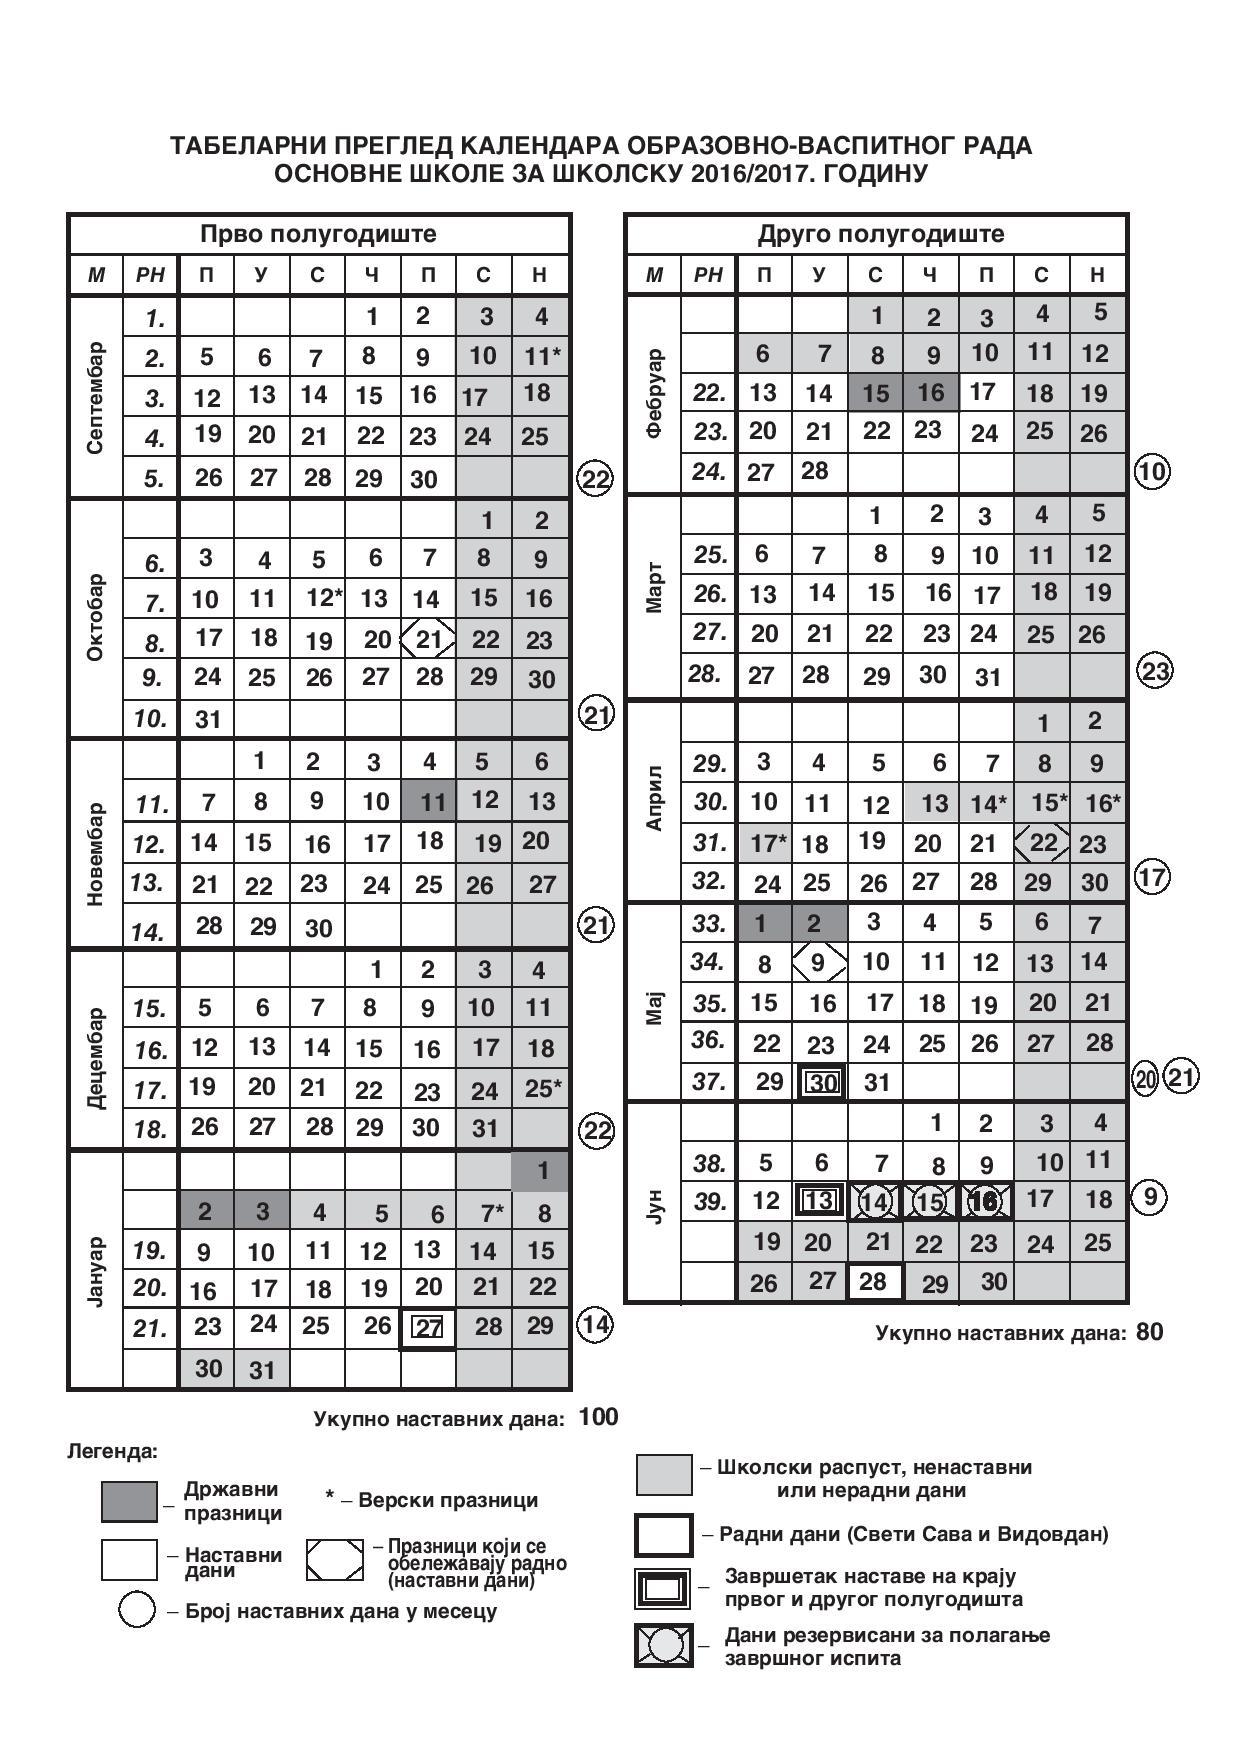 Tabelarni-pregled-kalendara-za-OS-za-RS-1617-03-06-16-page-001